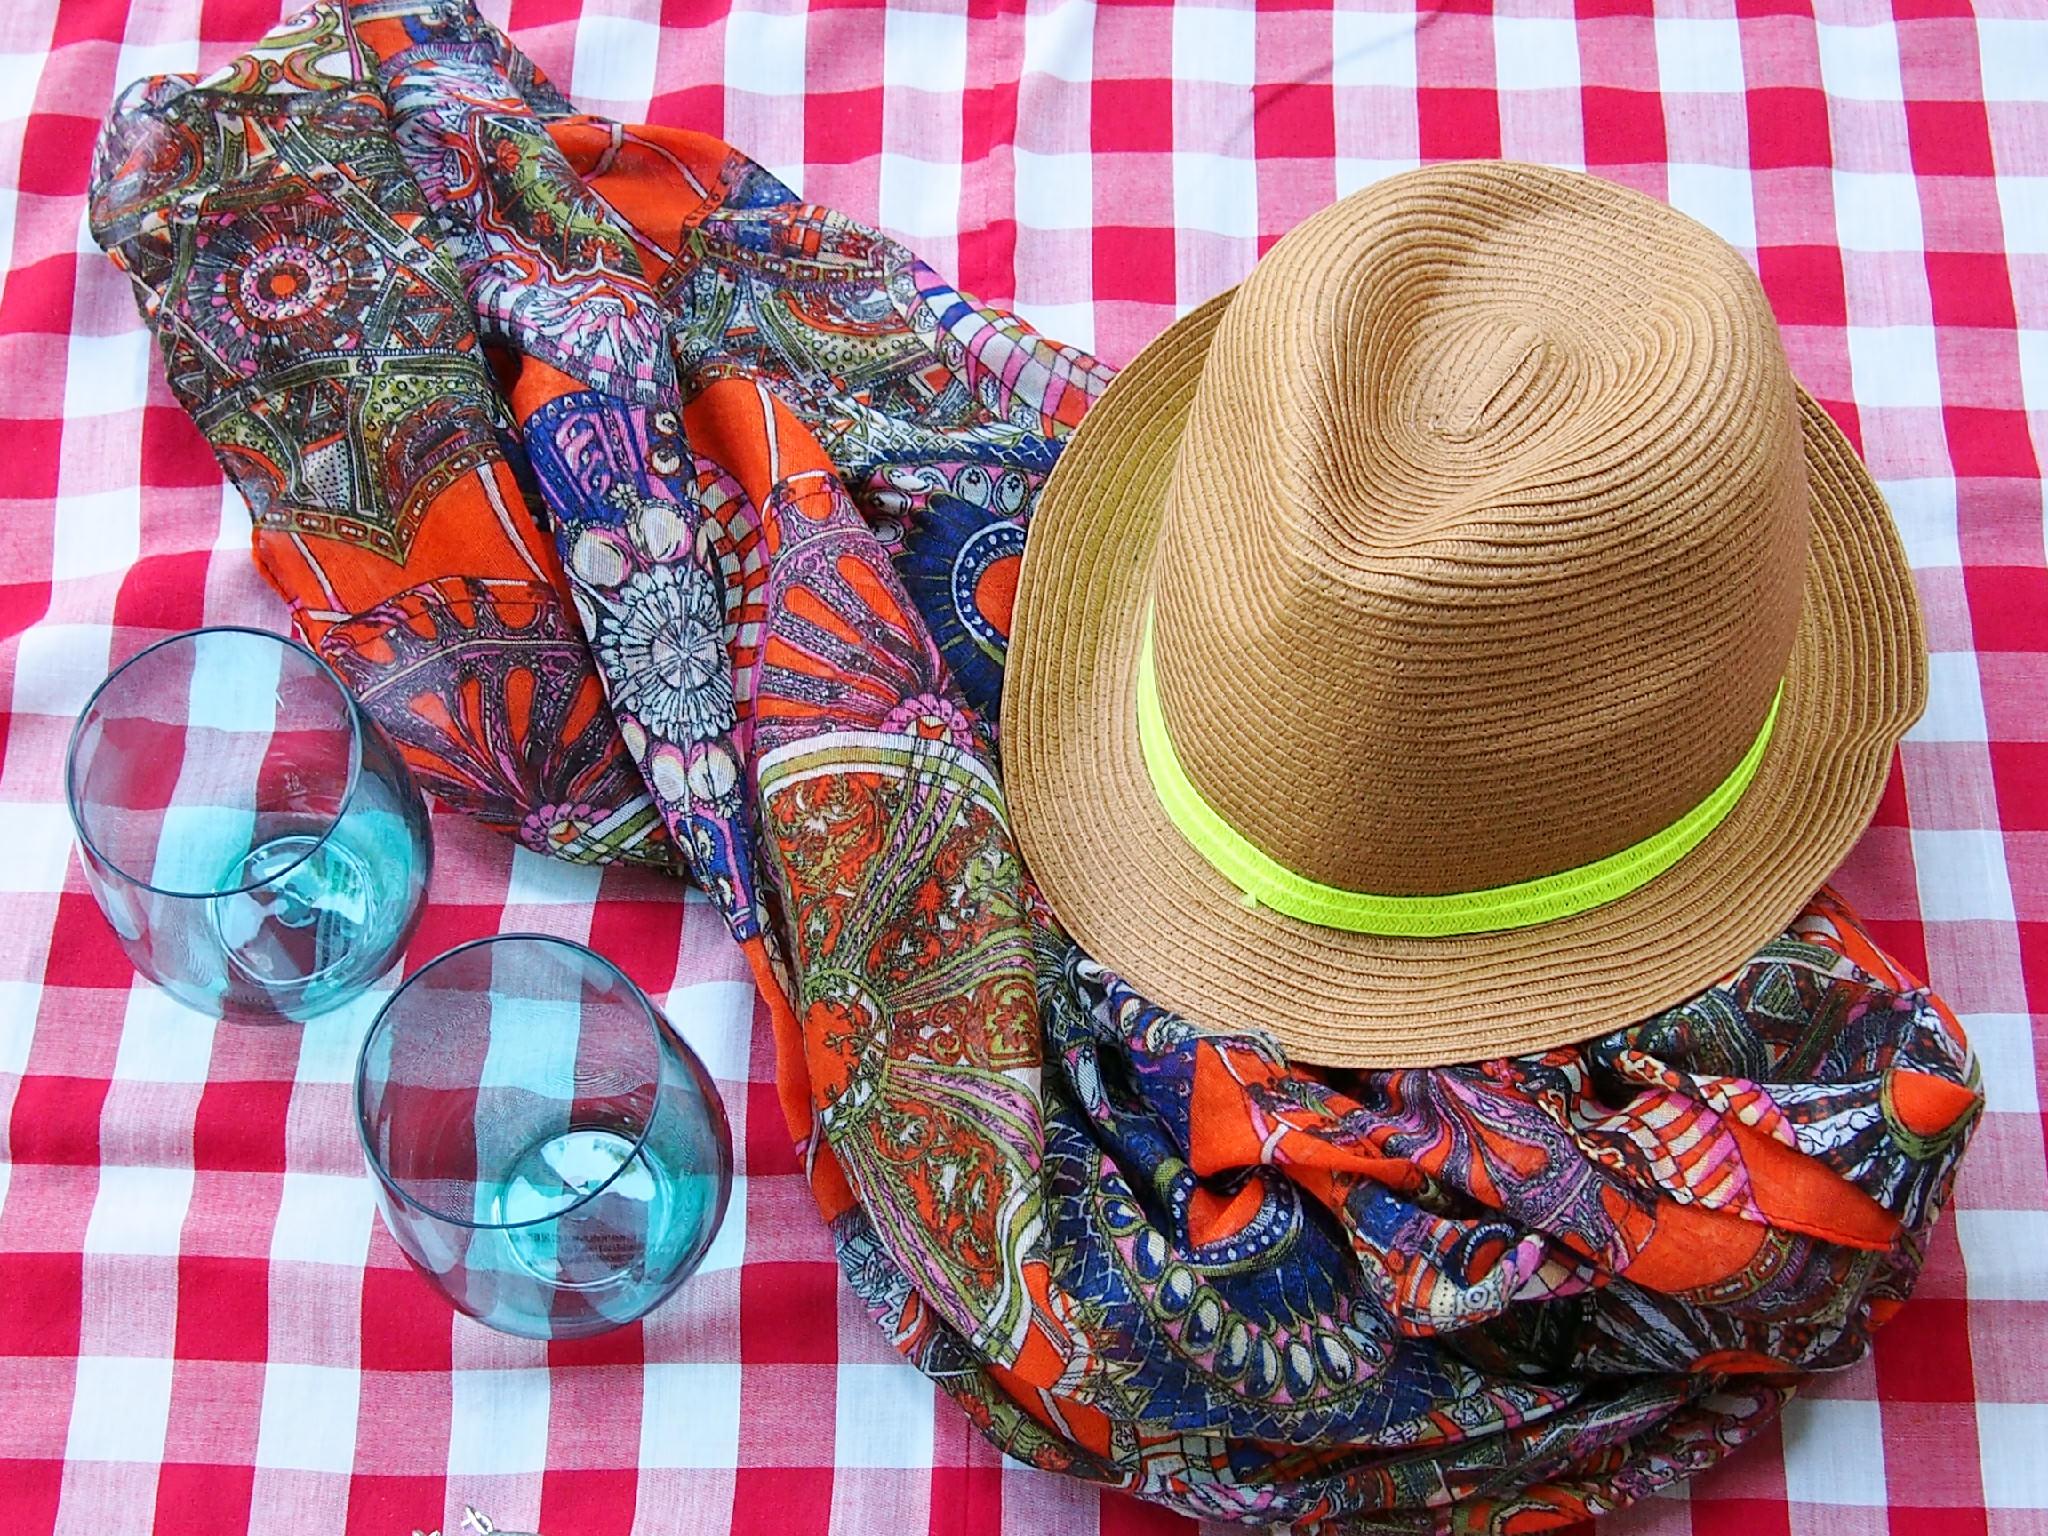 picnic fashion accessories